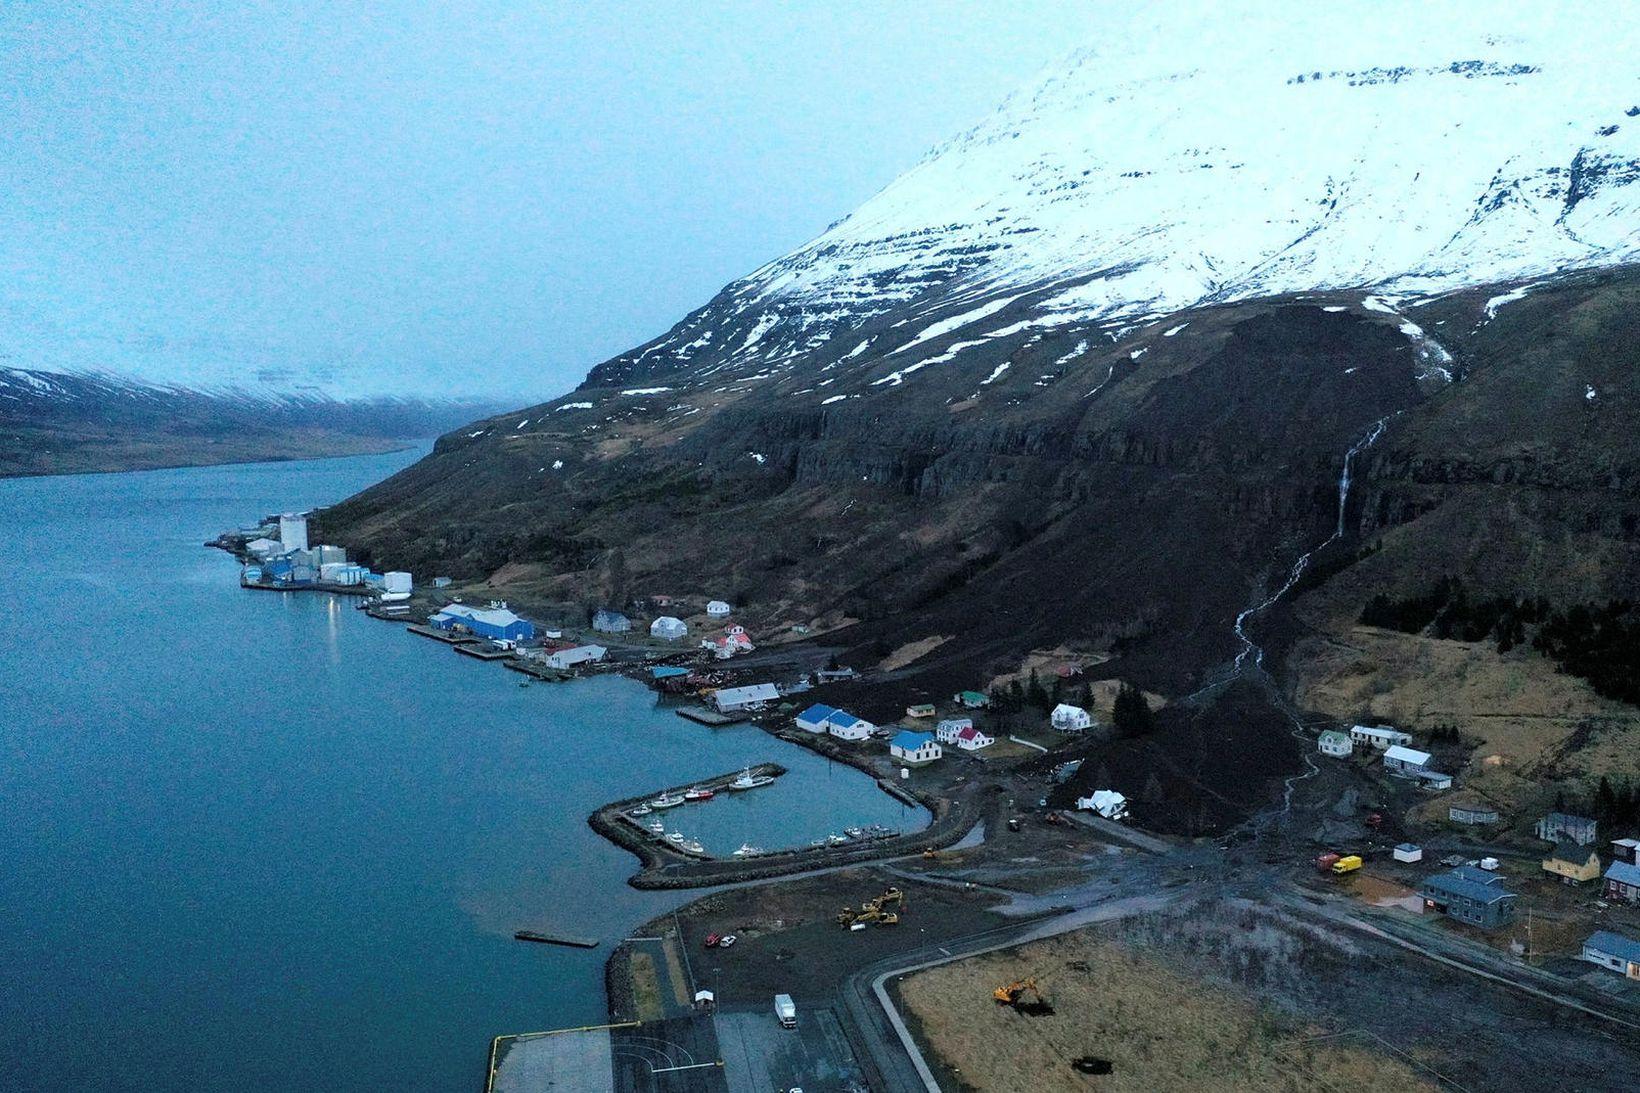 Jákvæðni er gagnvart þeirri hugmynd að rannsaka skriðuföll á Seyðisfirði.